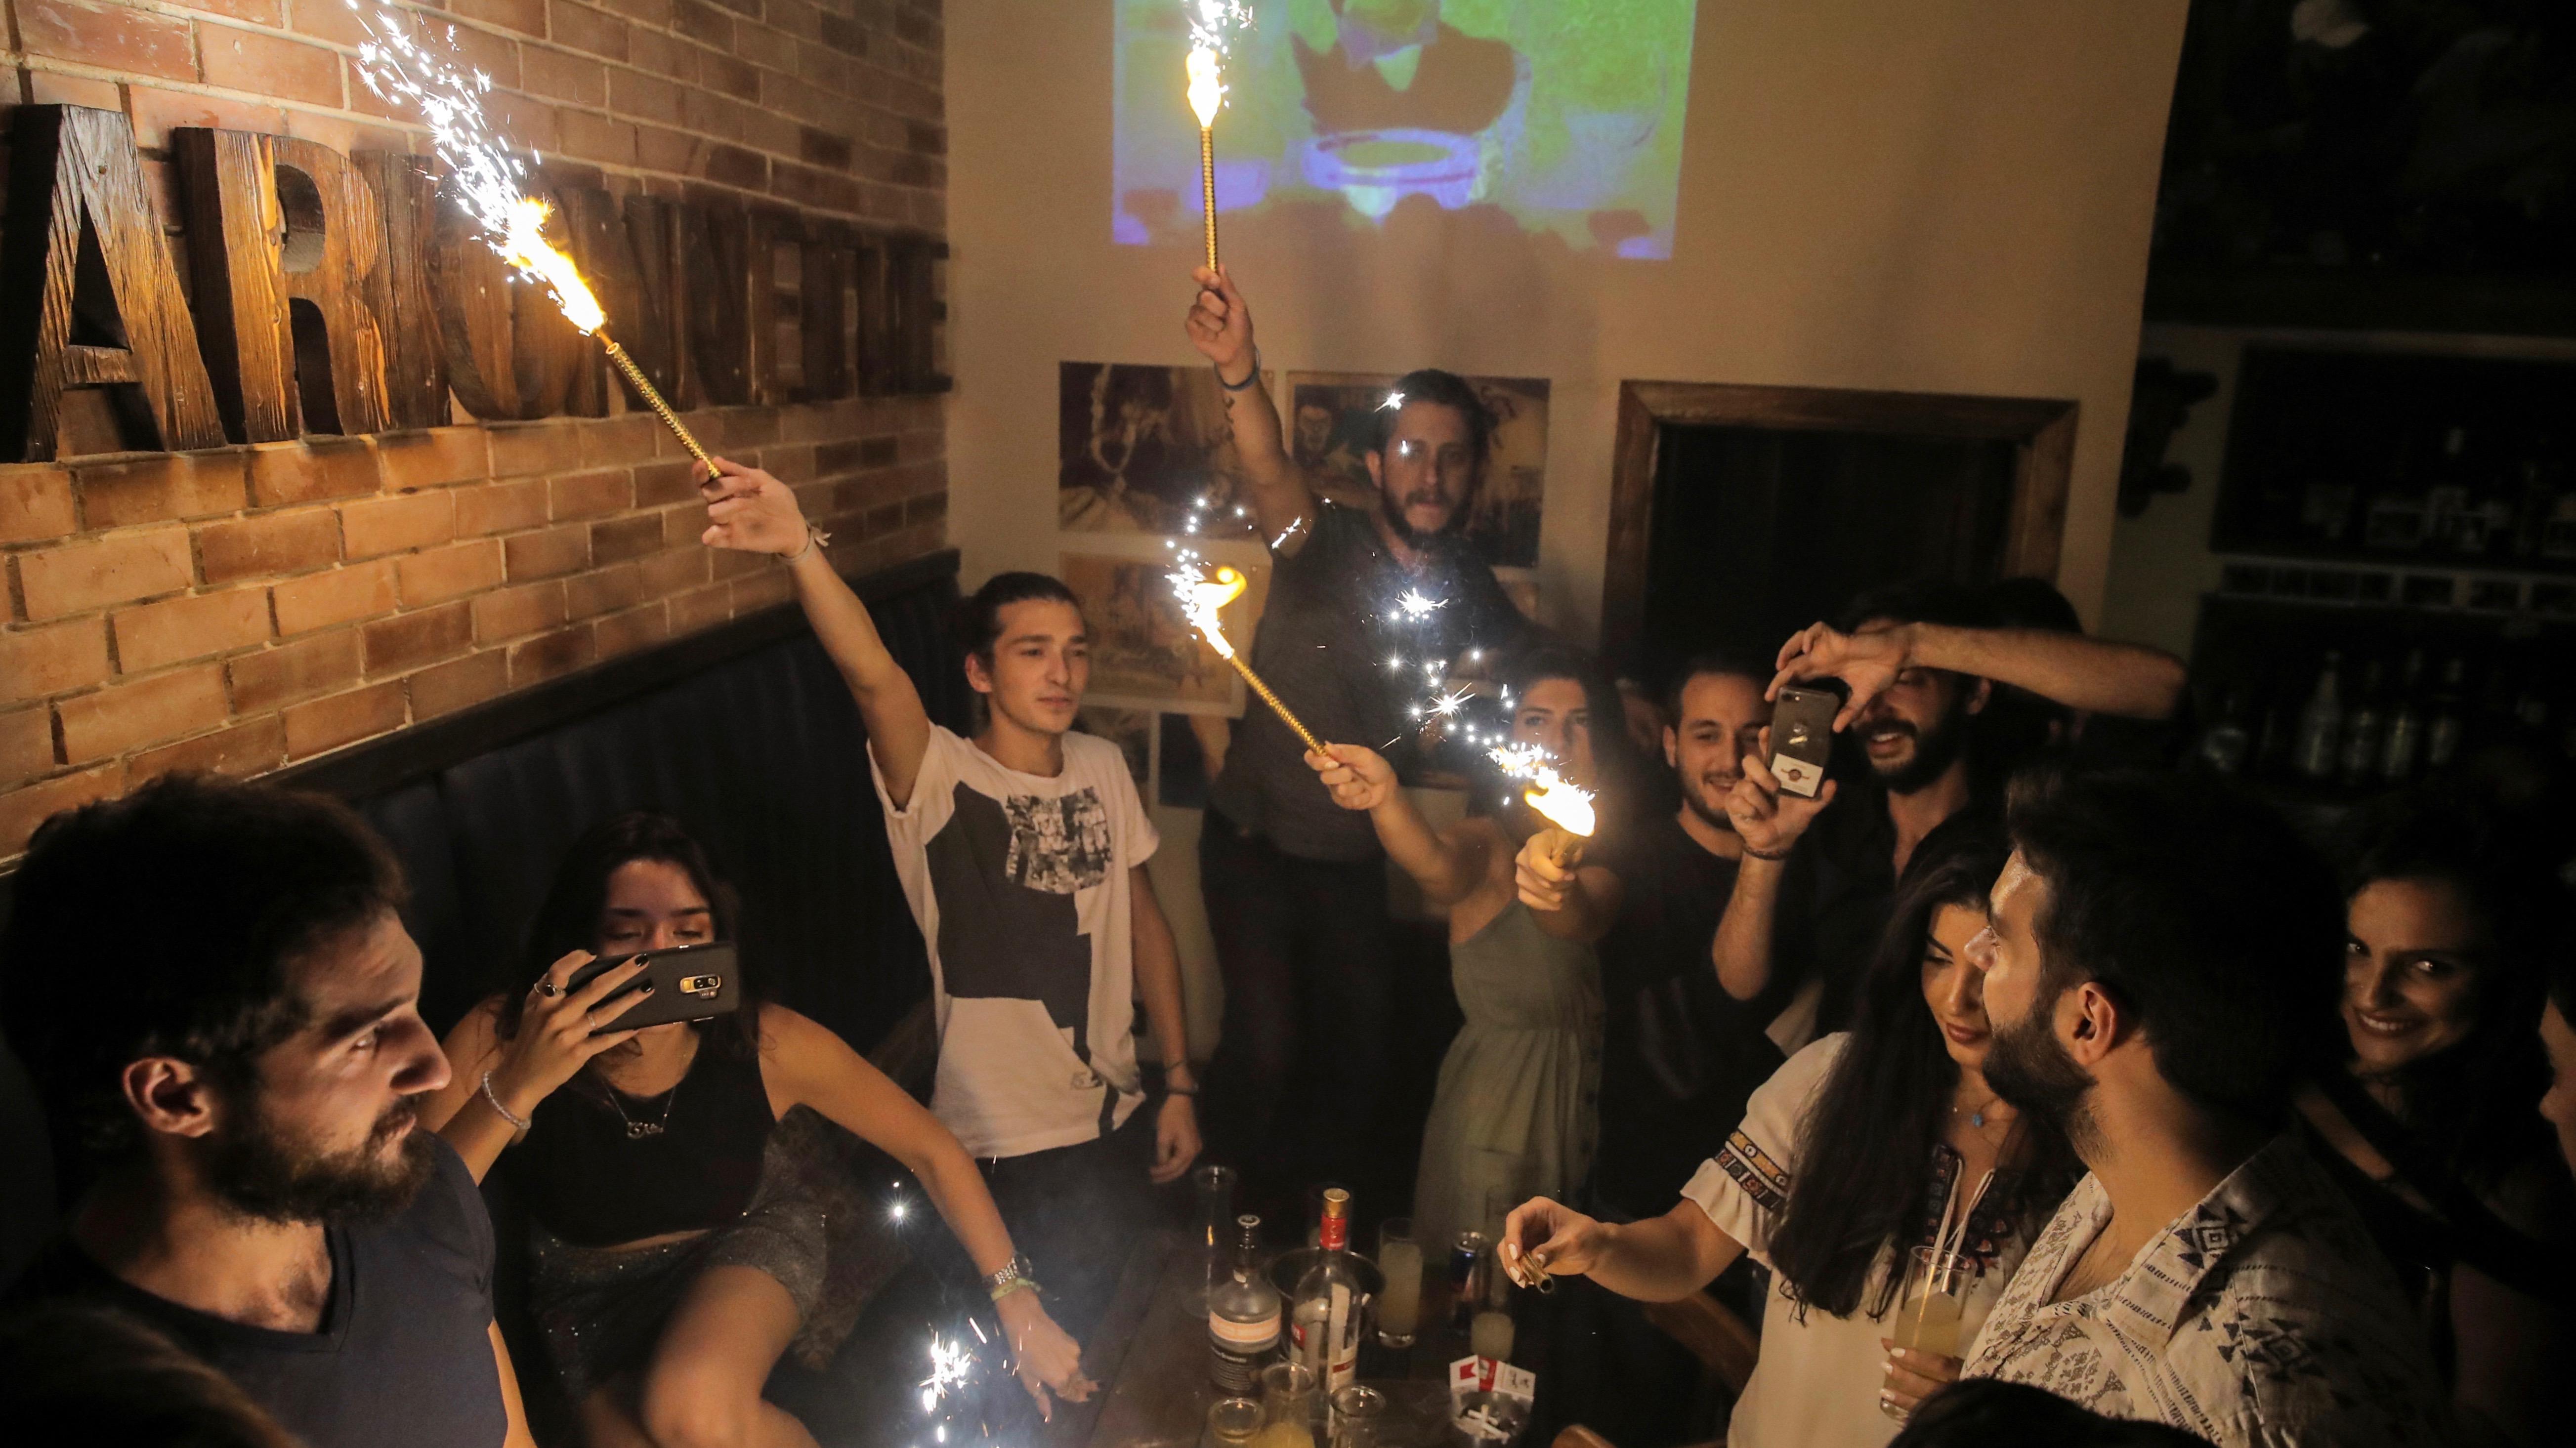 A bar in Syria.